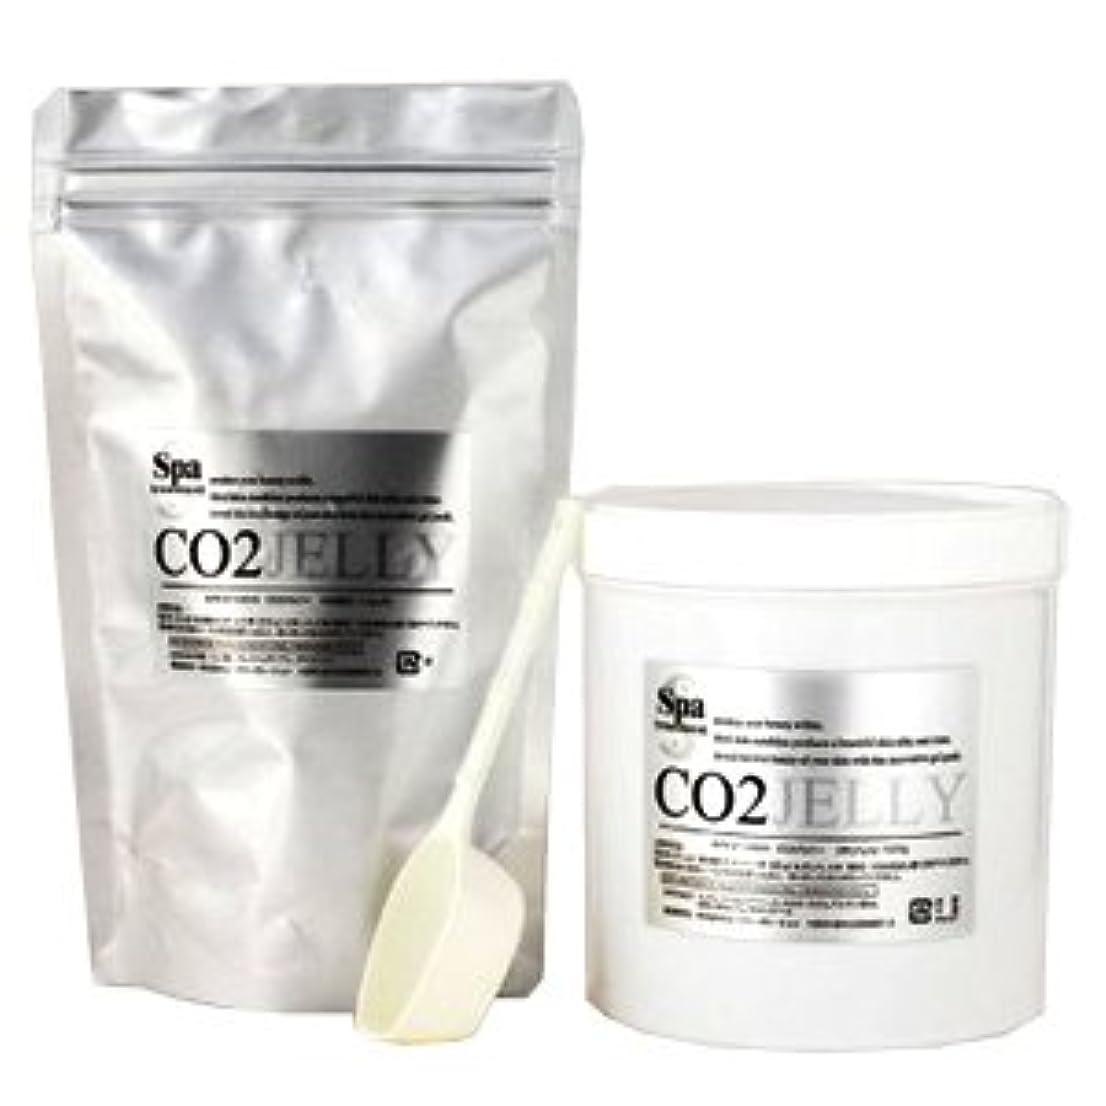 マーカー統計的楽しませるスパトリートメント CO2ジェリーN 40回分 業務用 炭酸パック